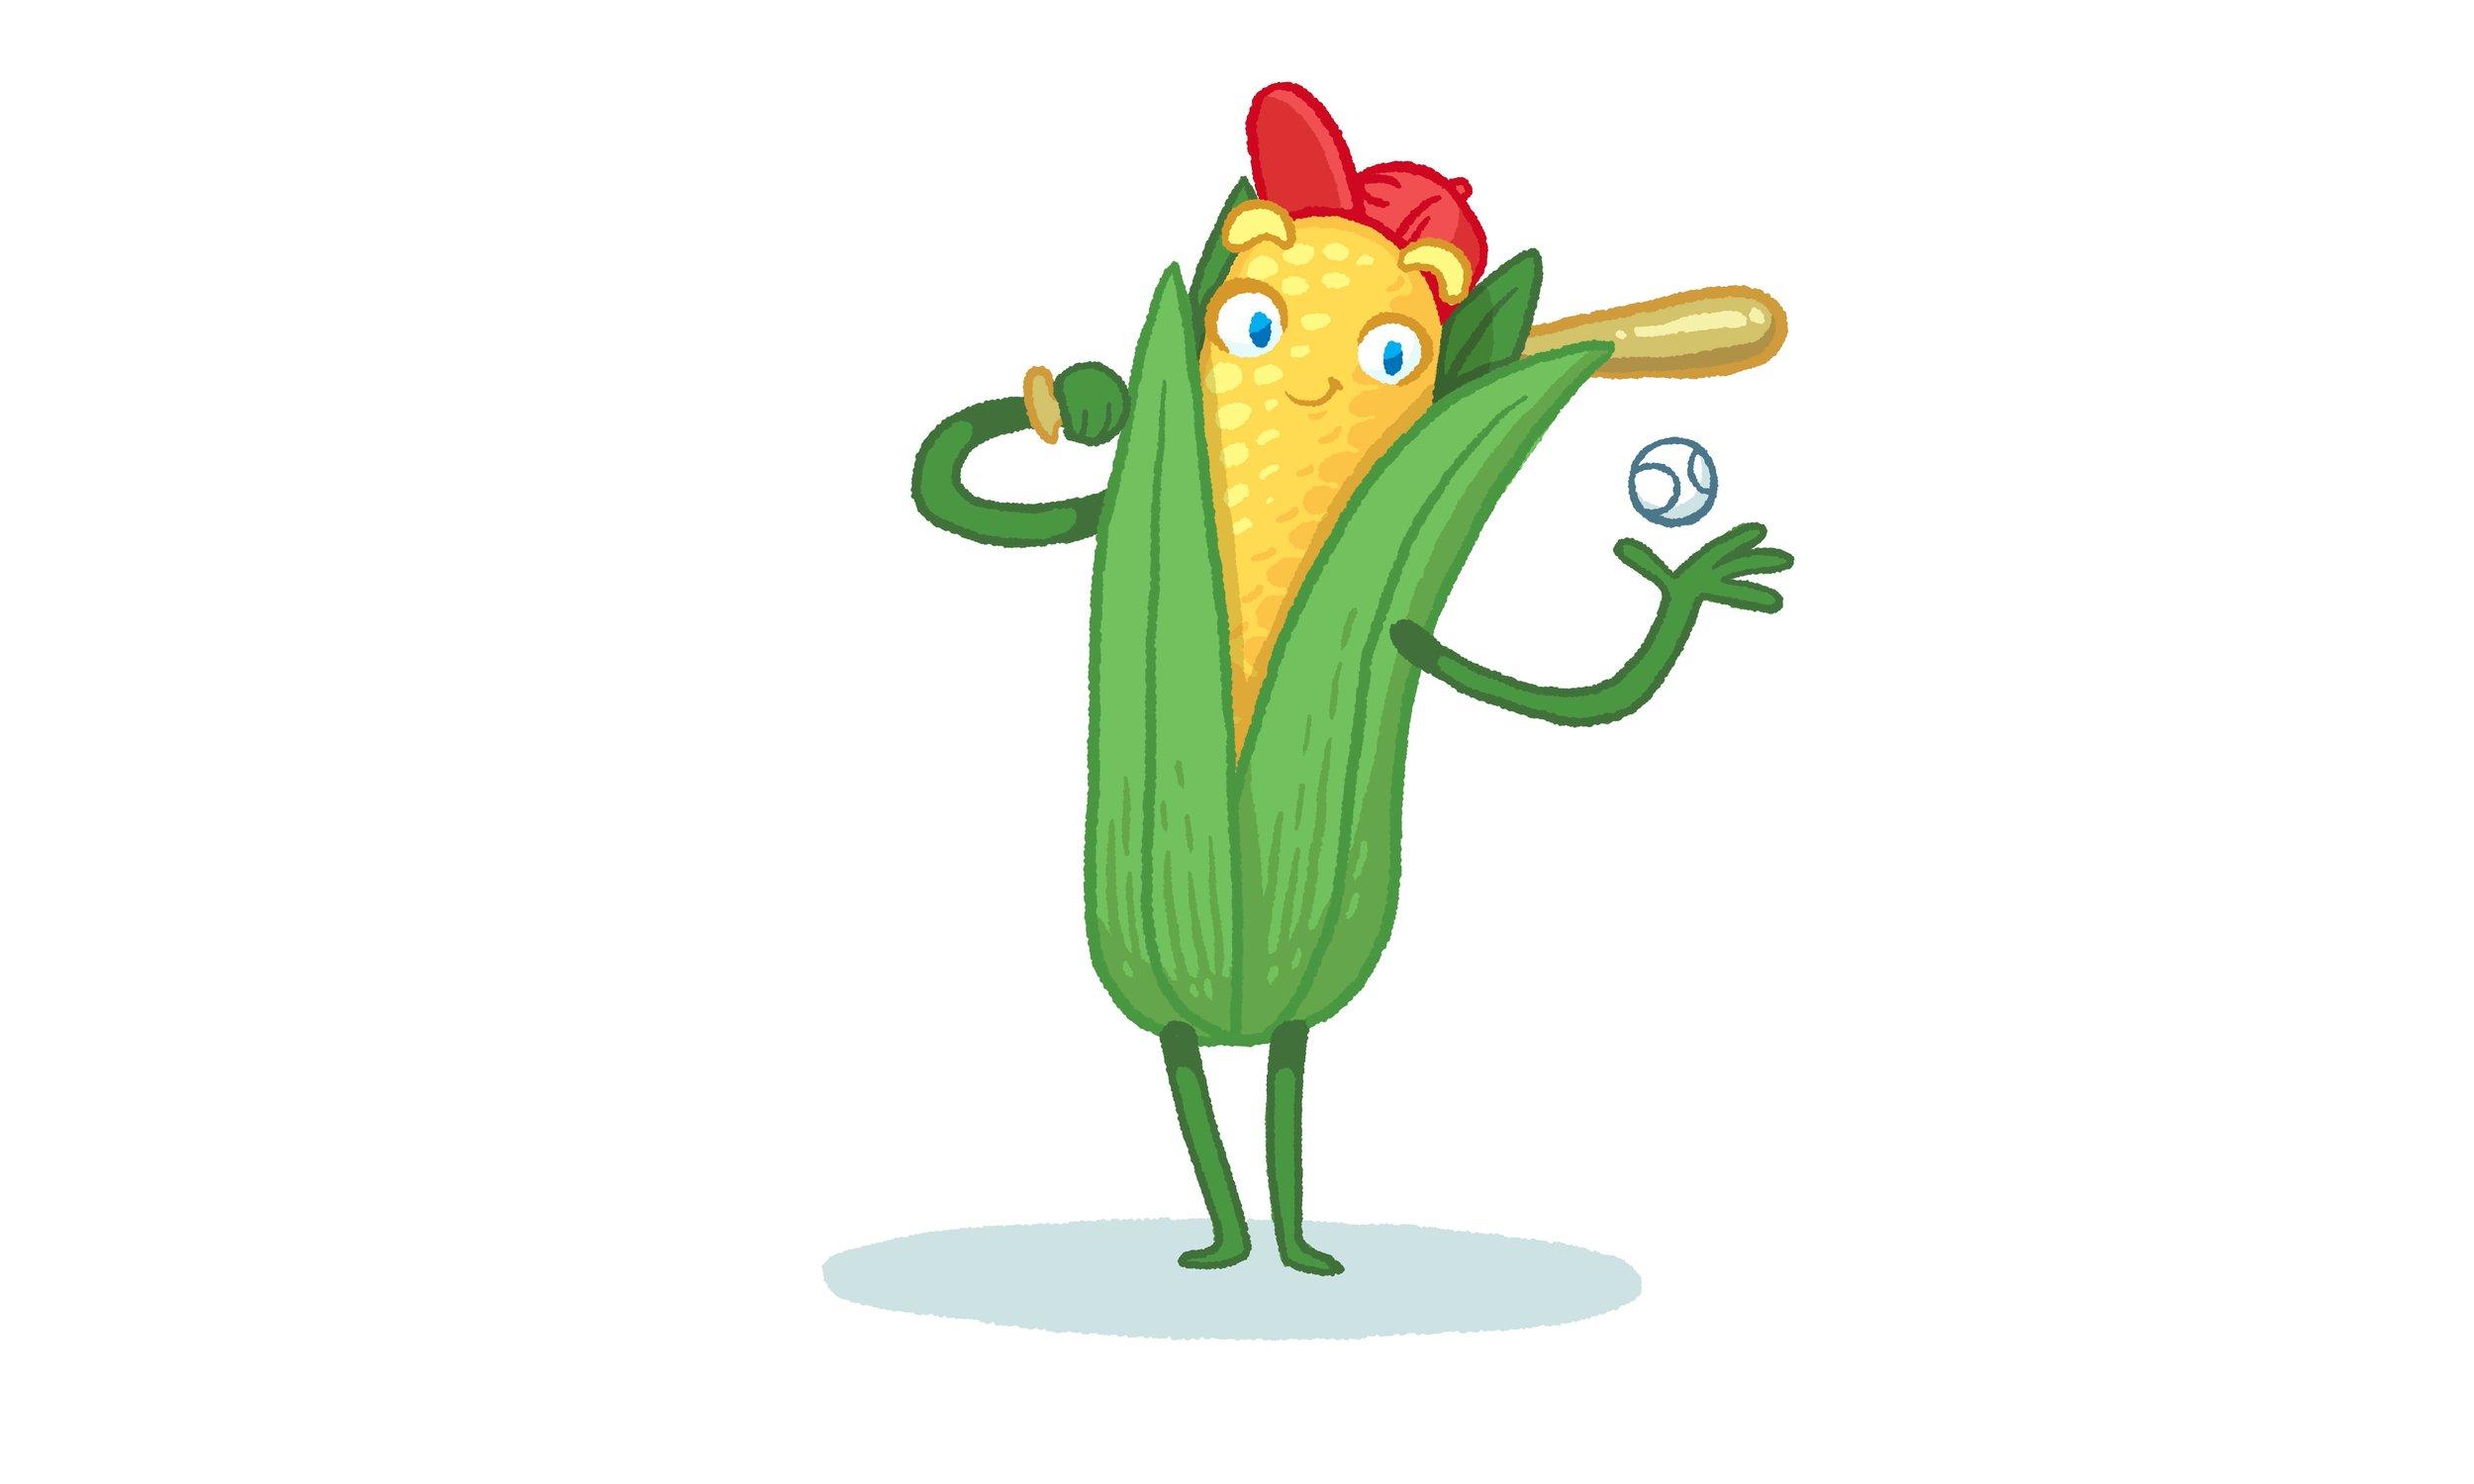 descon_corn.jpg